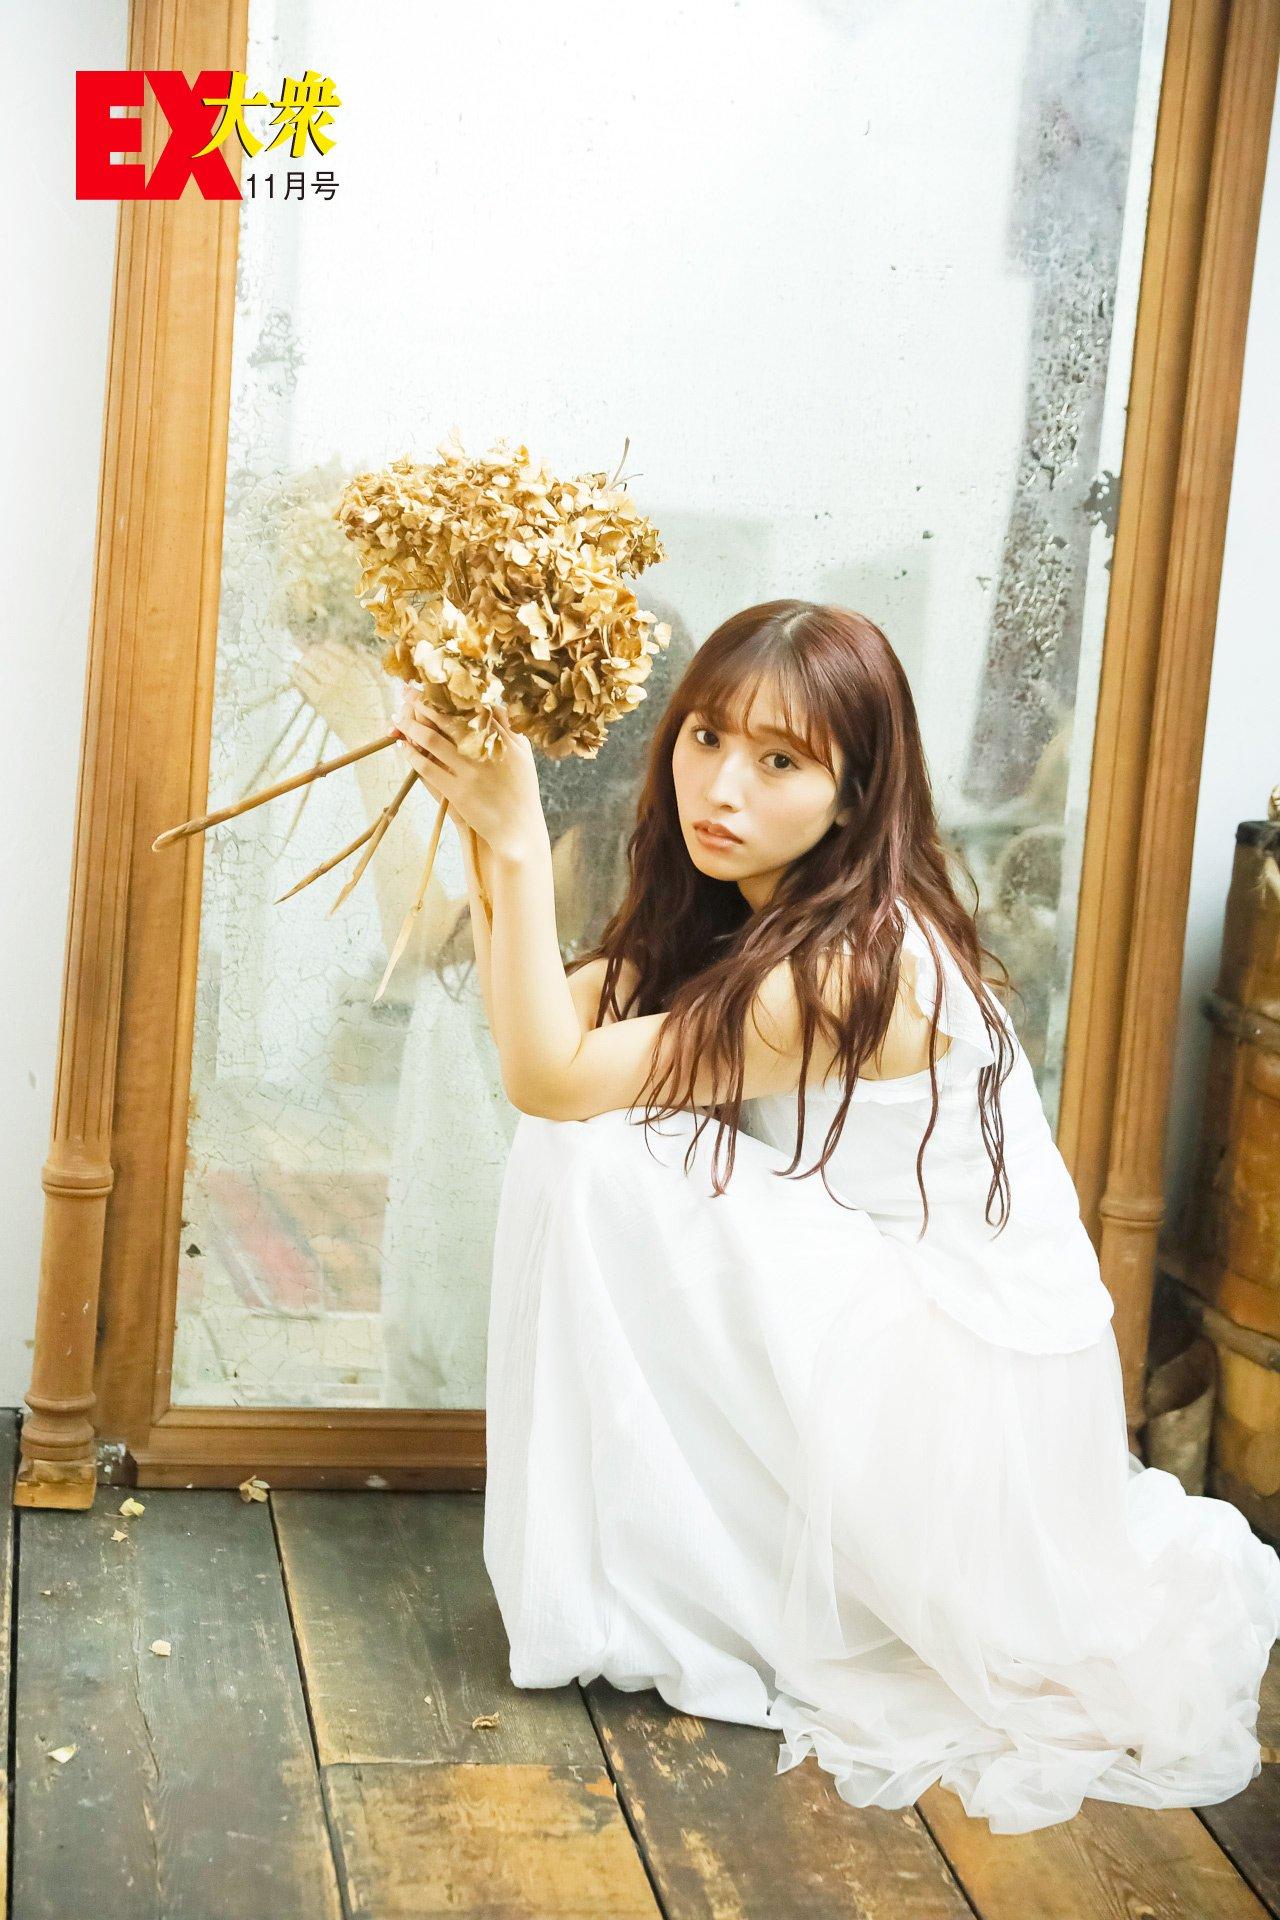 HKT48栗原紗英の本誌未掲載カット4枚を大公開!【EX大衆11月号】の画像003